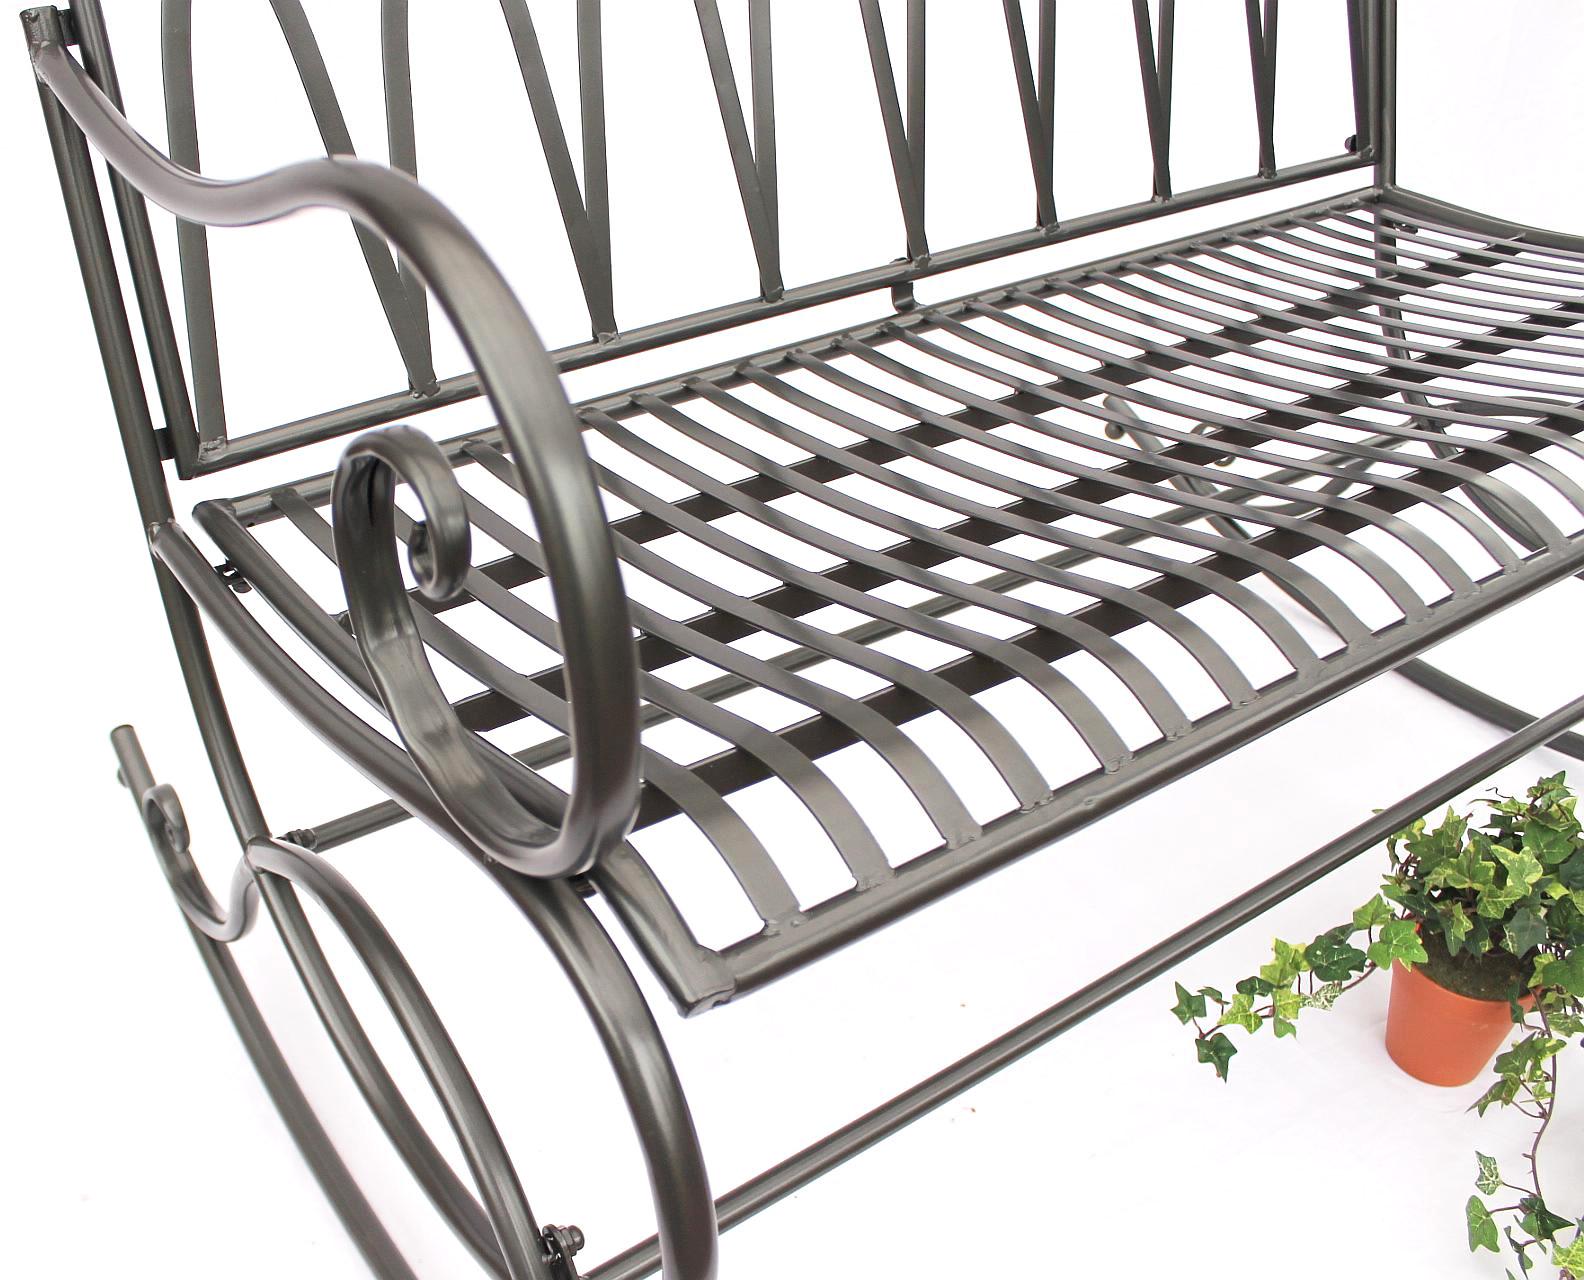 Full Size of Gartenschaukel Metall Bett Regal Weiß Regale Wohnzimmer Gartenschaukel Metall